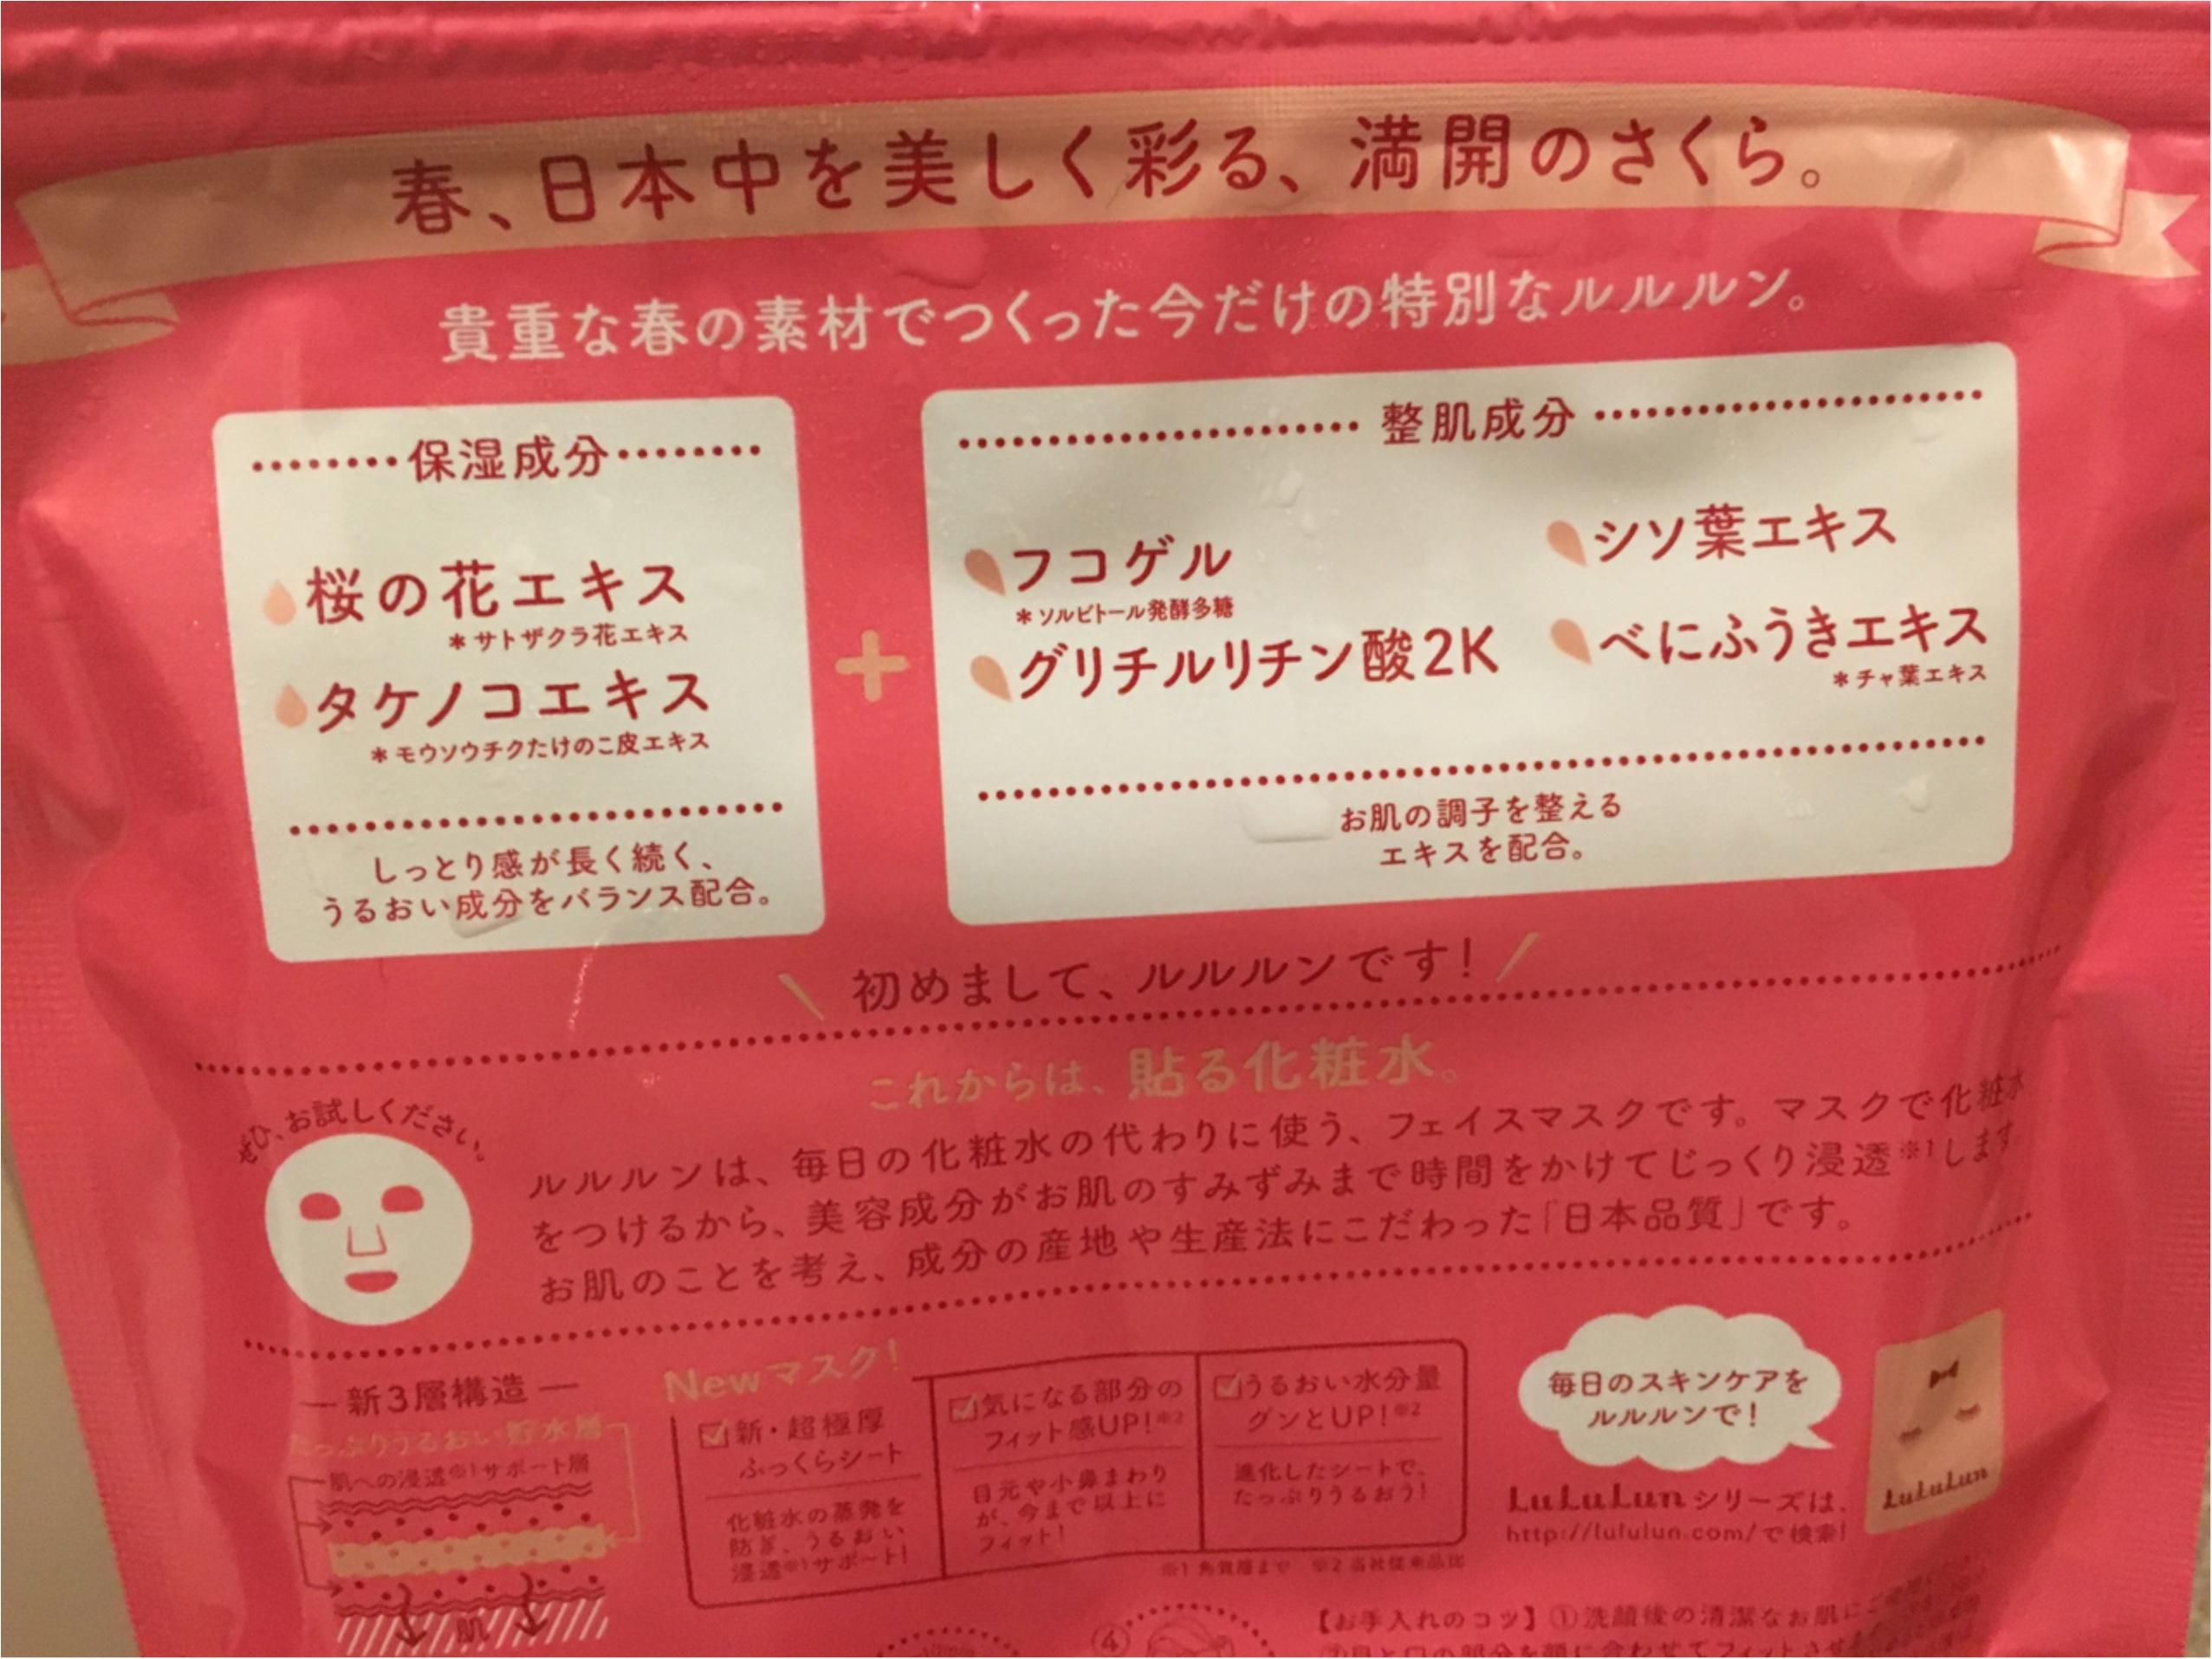 【ルルルン】コレクターが選ぶ春めきスキンケアマスクはコレ!_2